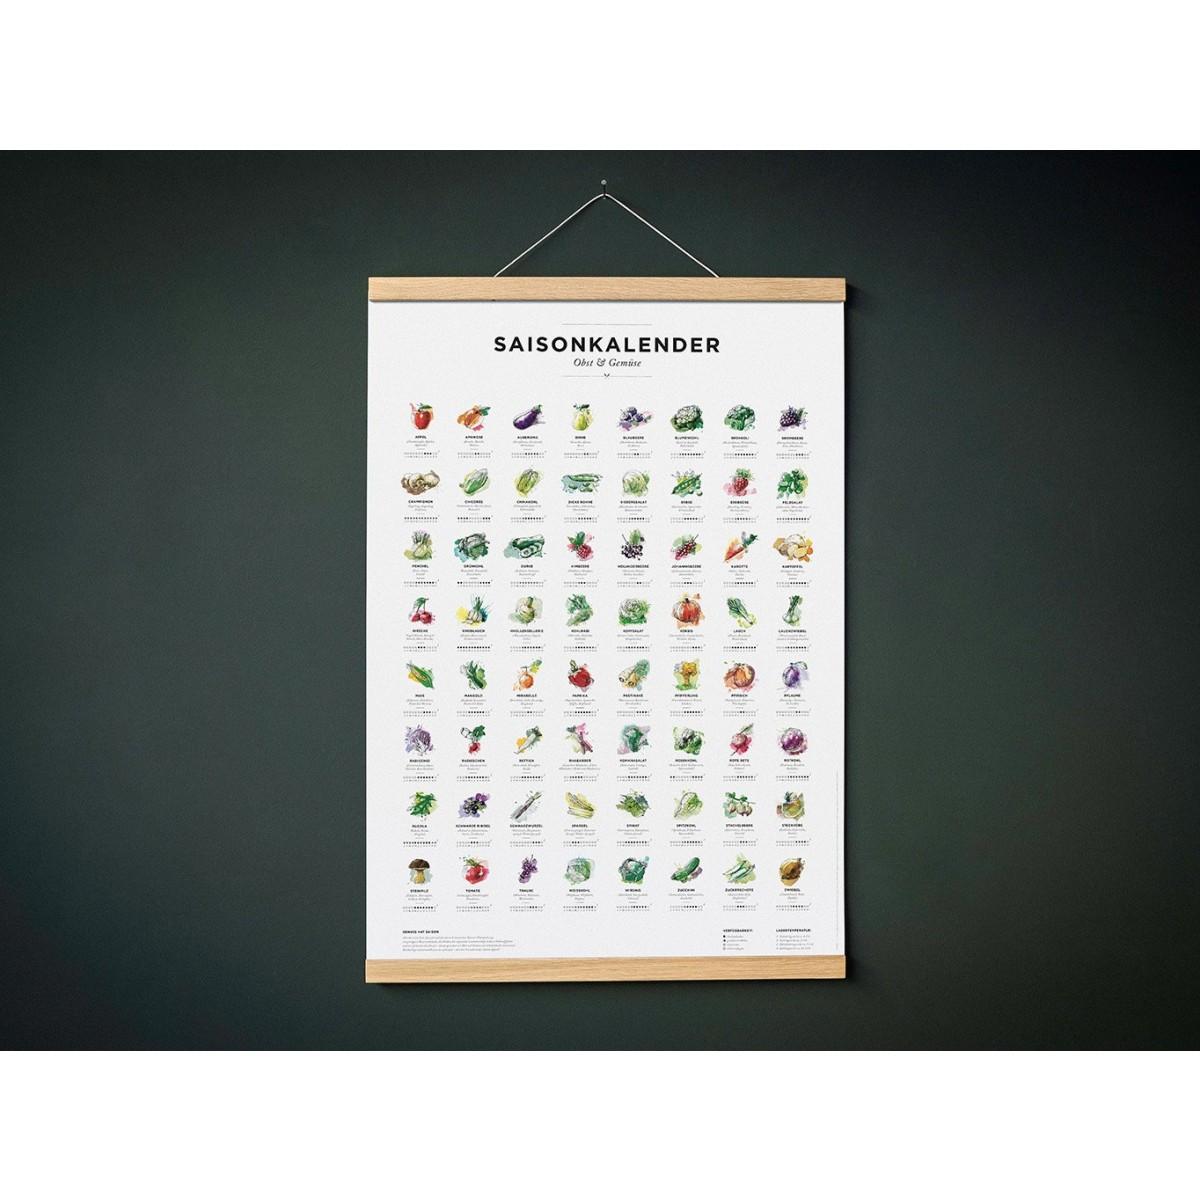 Saisonkalender Obst & Gemüse, Poster/Plakat in Farbe von Kupferstecher.Art